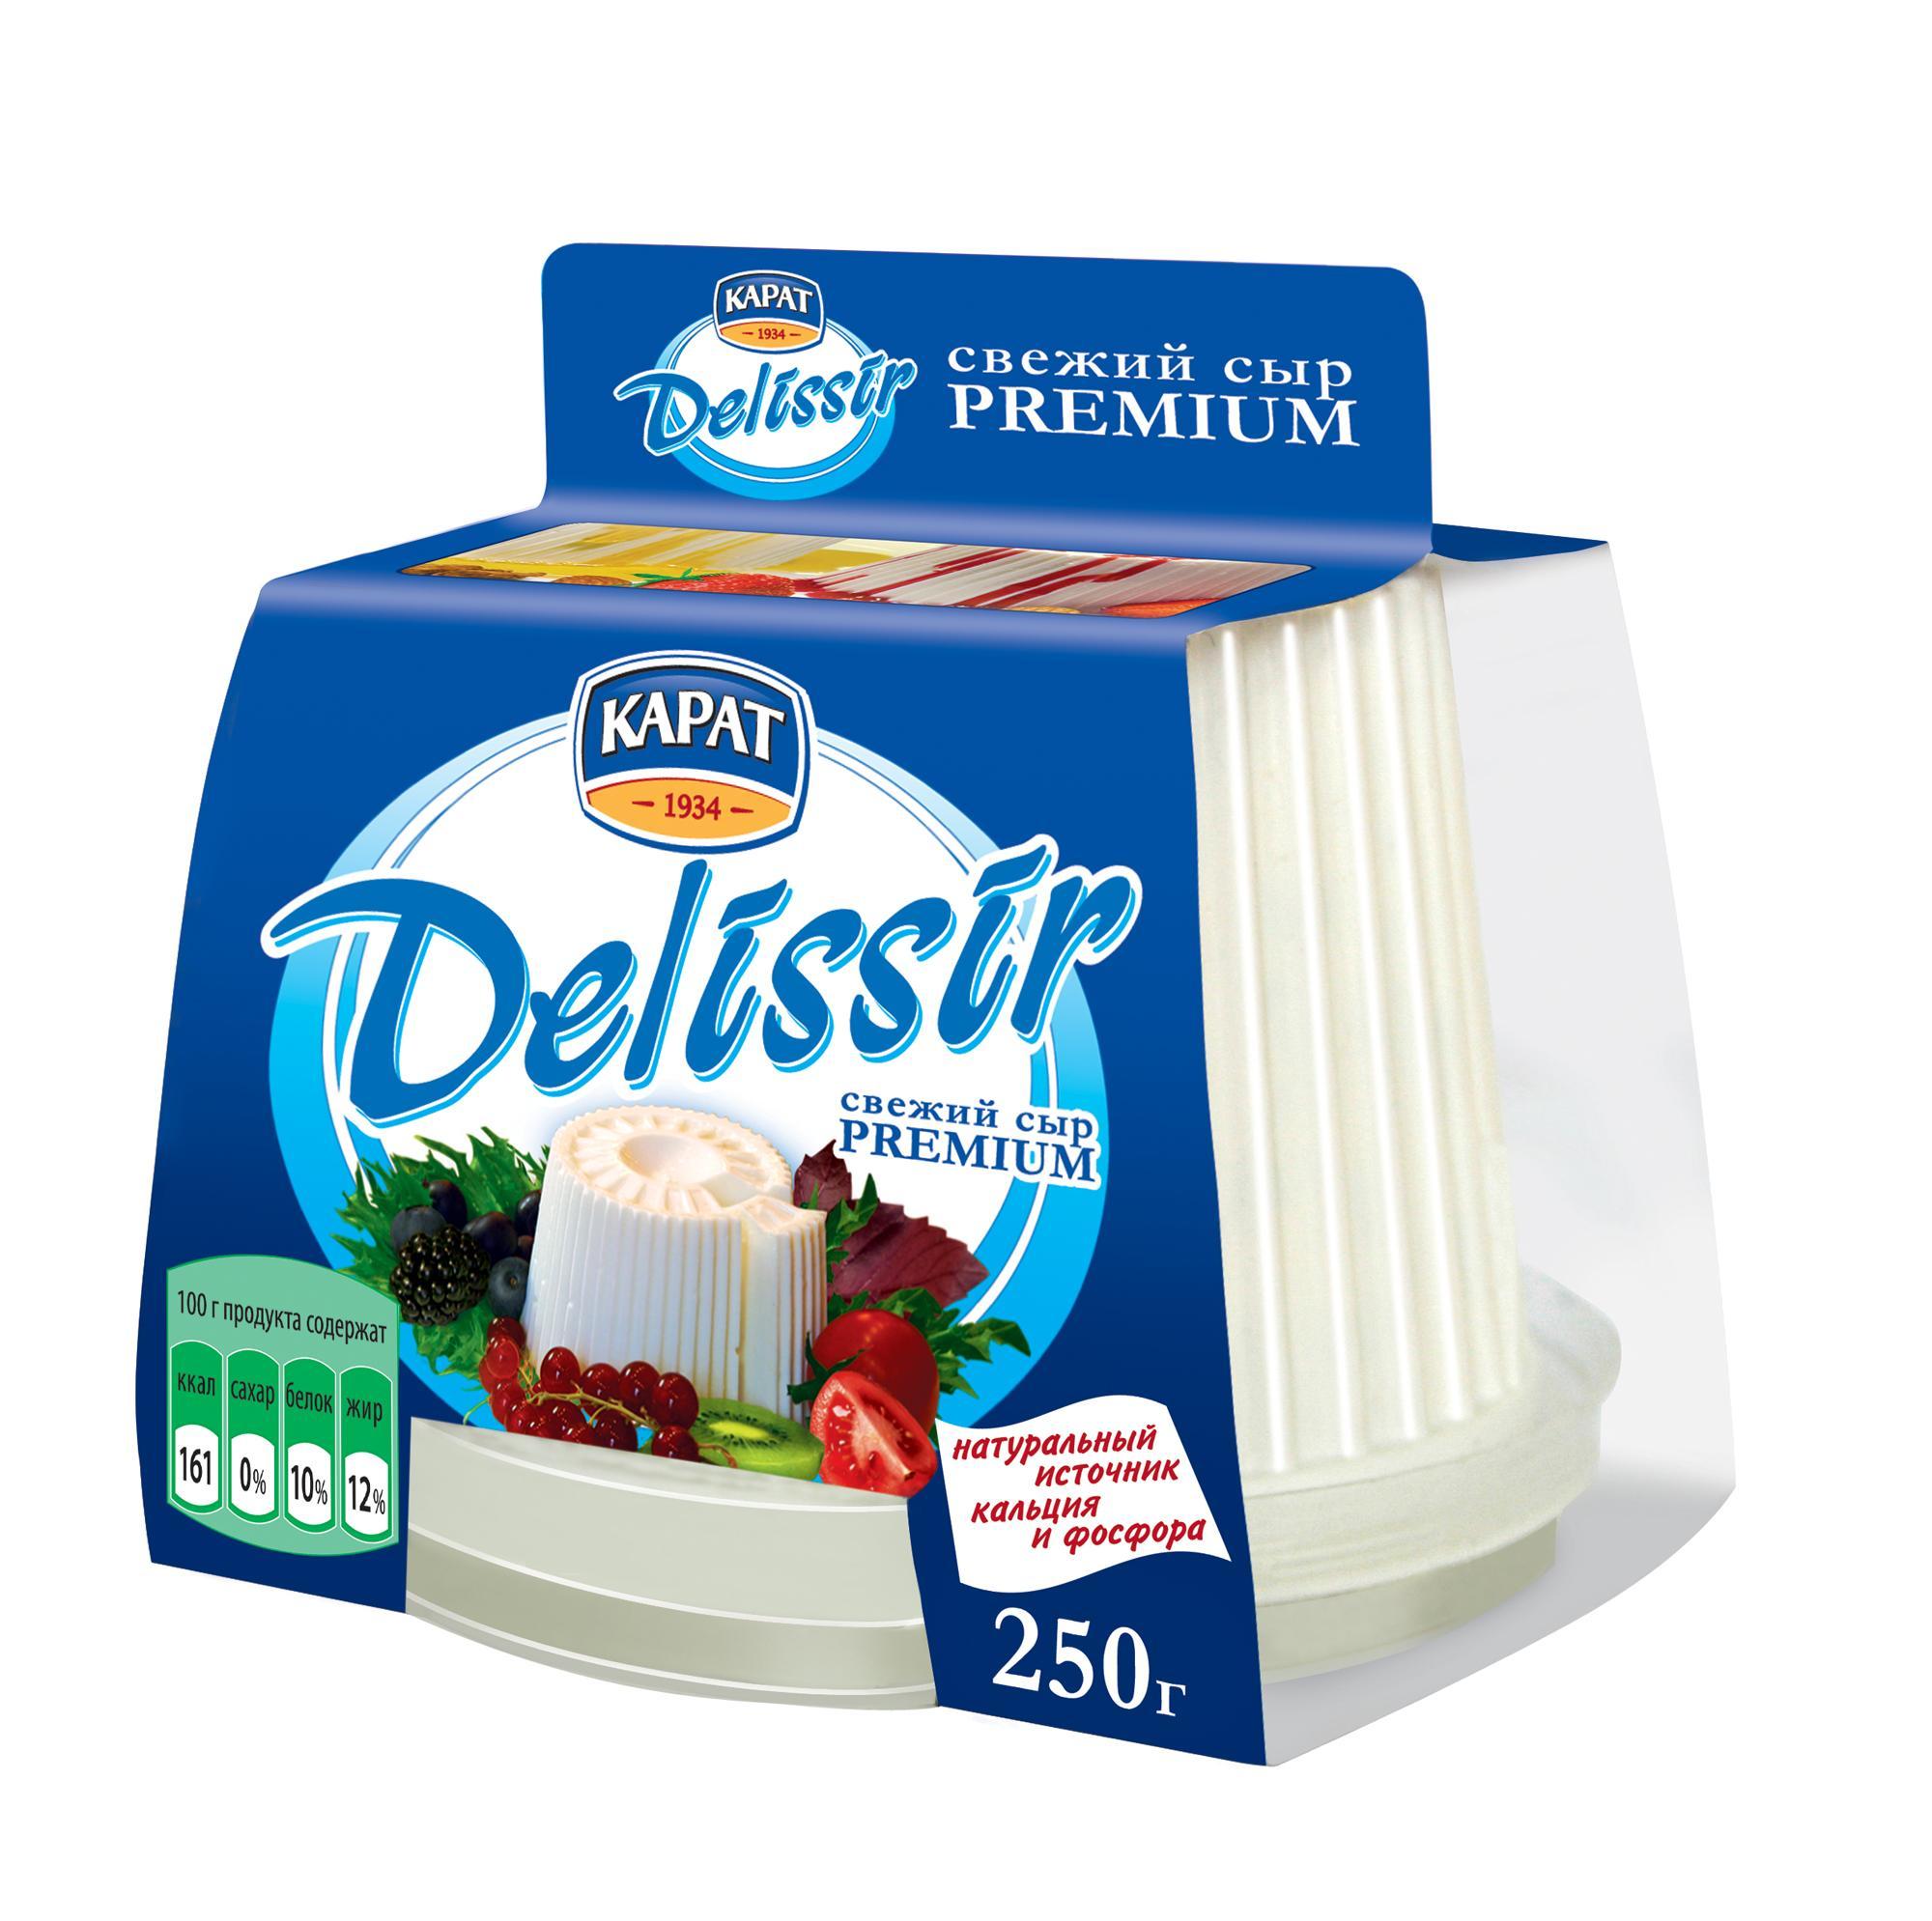 Столичный завод плавленых сыров «КАРАТ» произвел перезапуск бренда Delissir